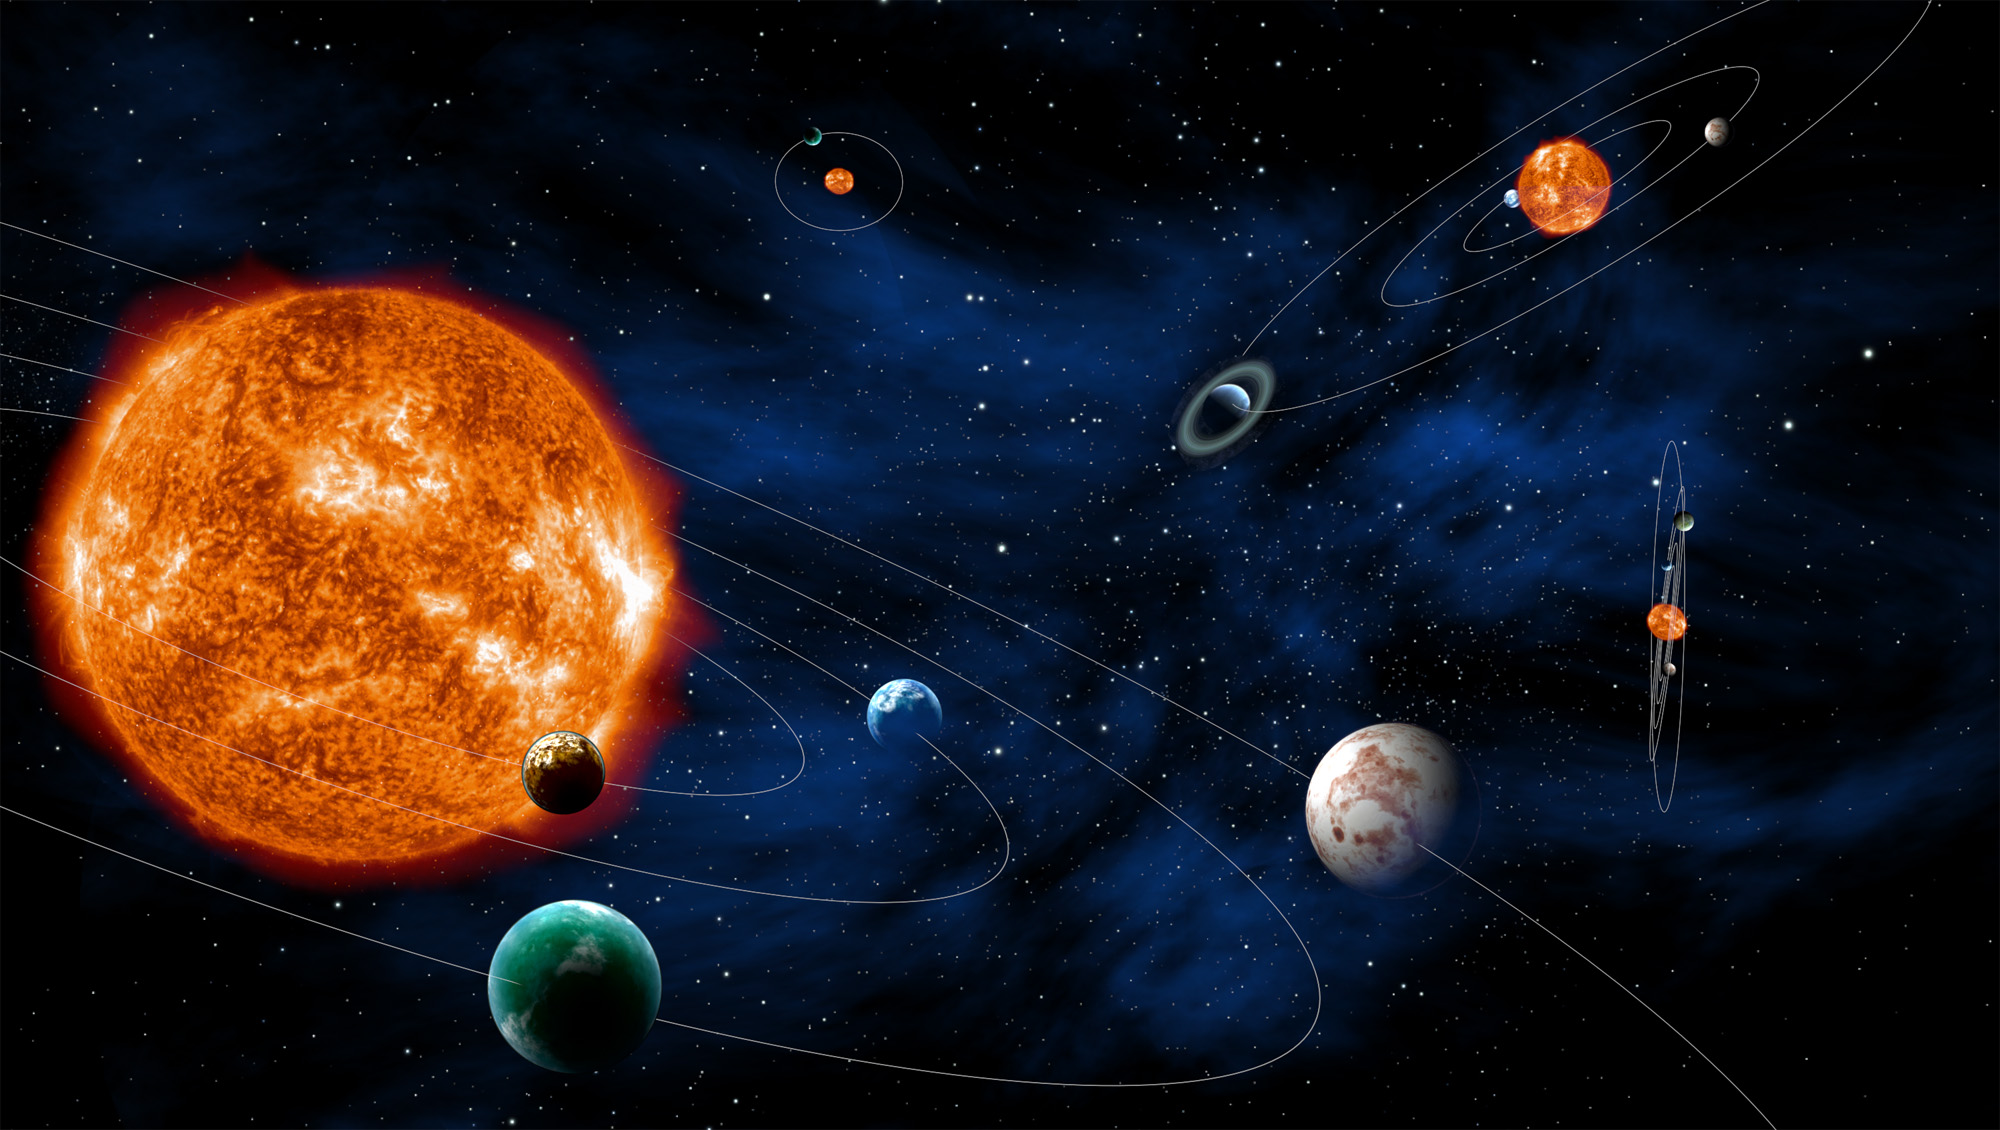 Artist impression van een exoplaneten bij hun ster.